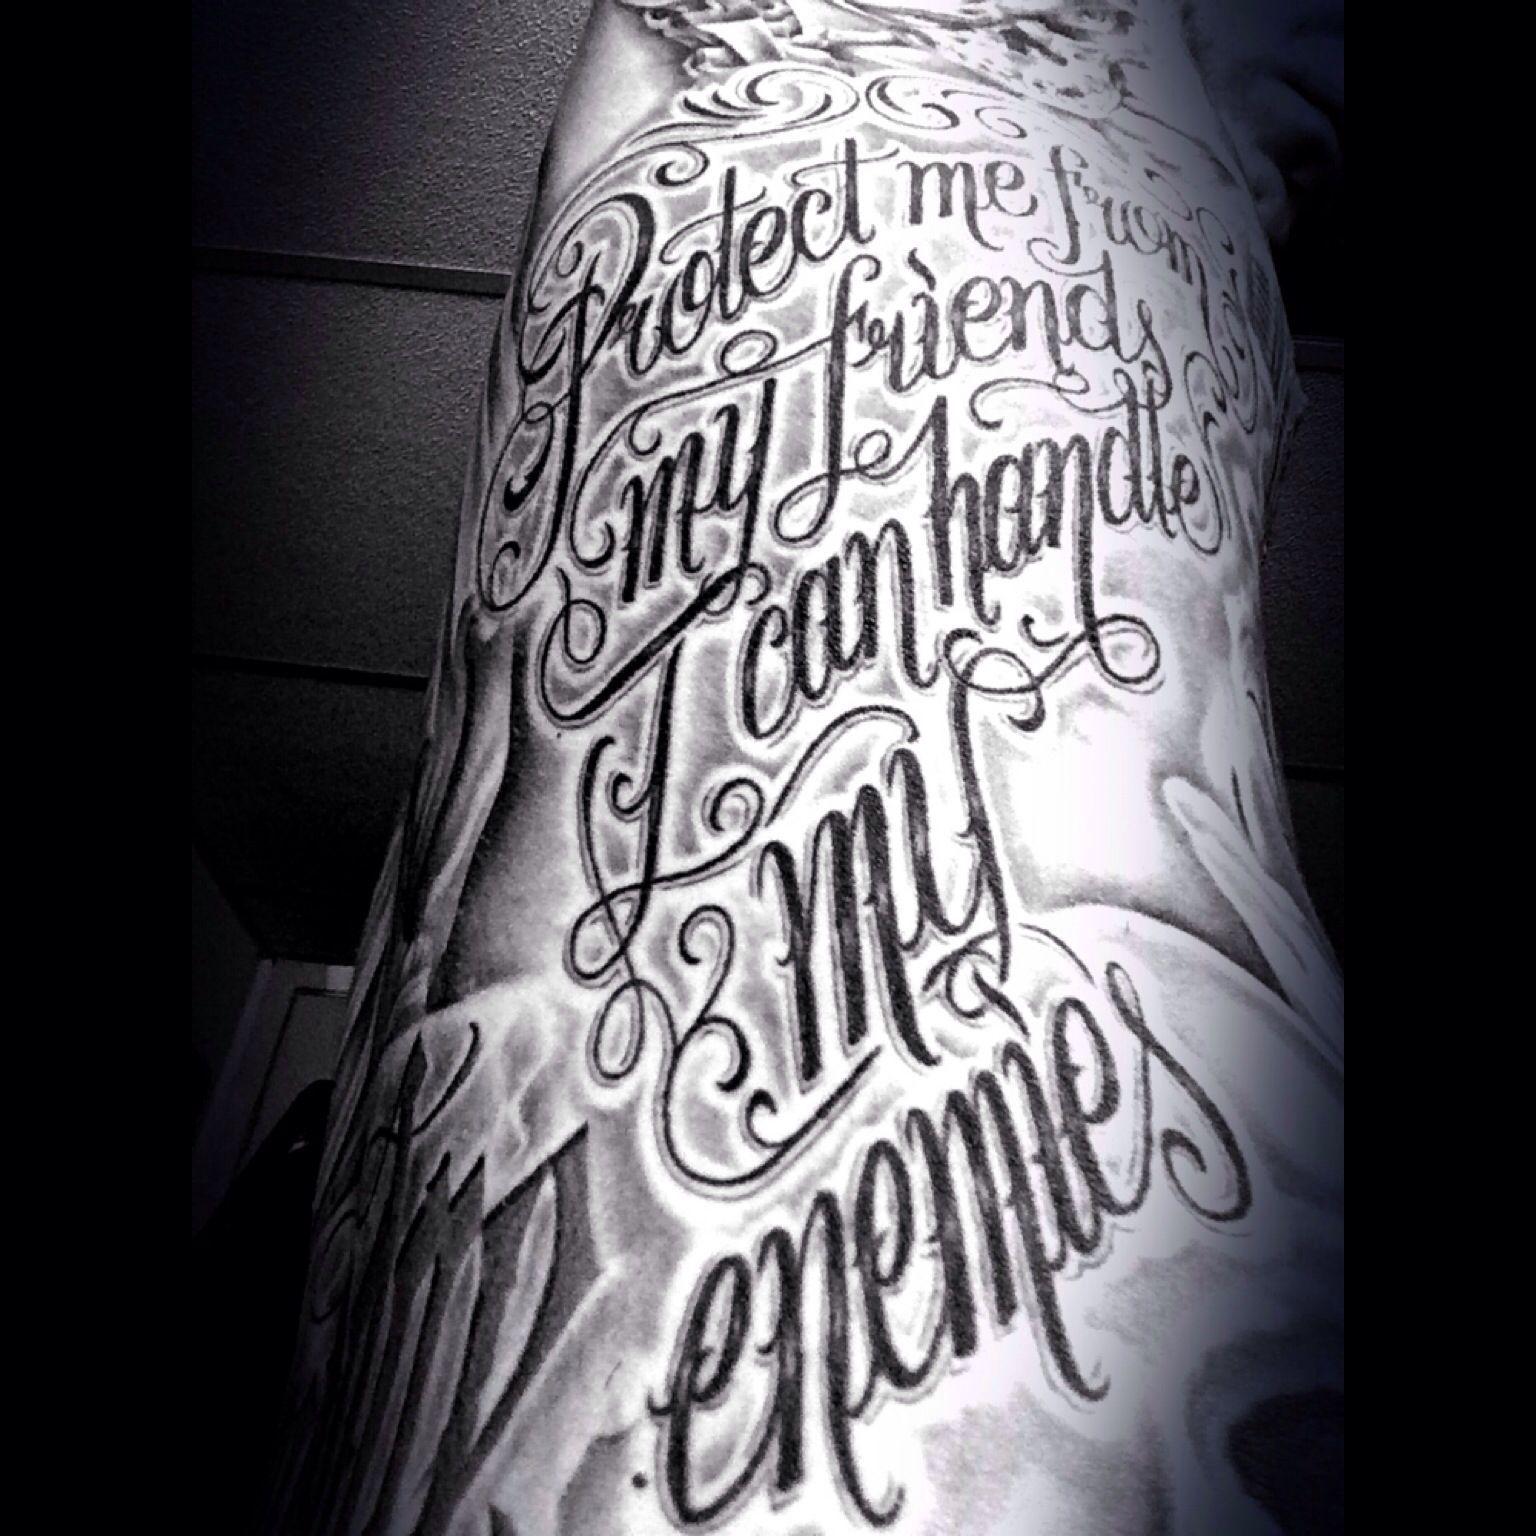 Chicano Gangster Neck Tattoos Http Viraltattoo Net Chicano Gangster Neck Tattoos Html In 2020 Gangster Tattoos Gangsta Tattoos Tattoo Lettering